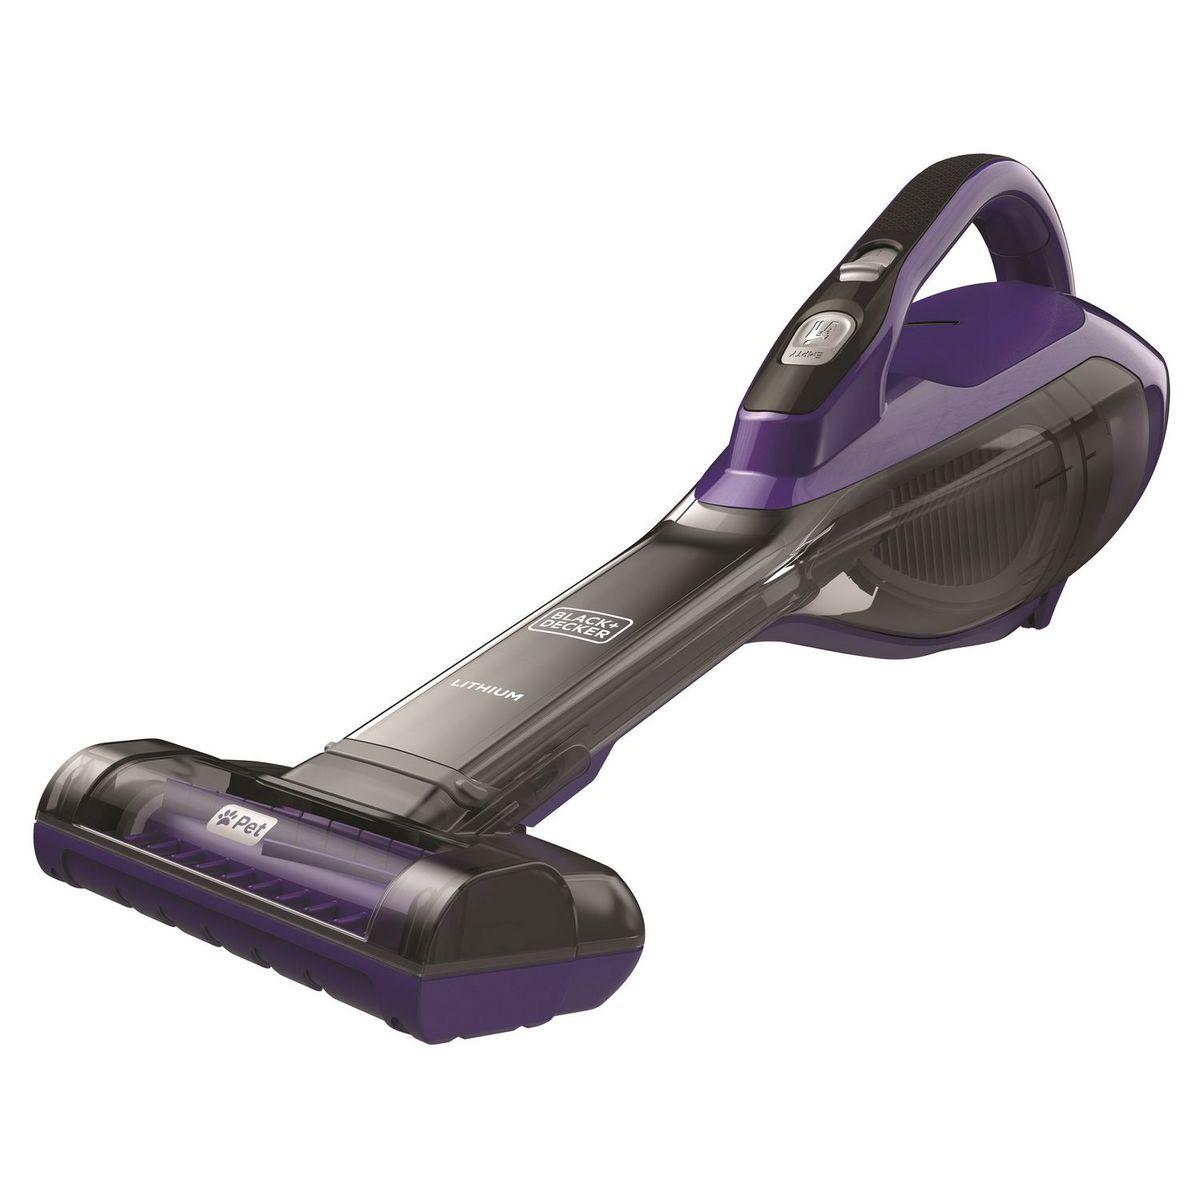 Aspirateur à main Dustbuster DVA325JP07, Noir/violet